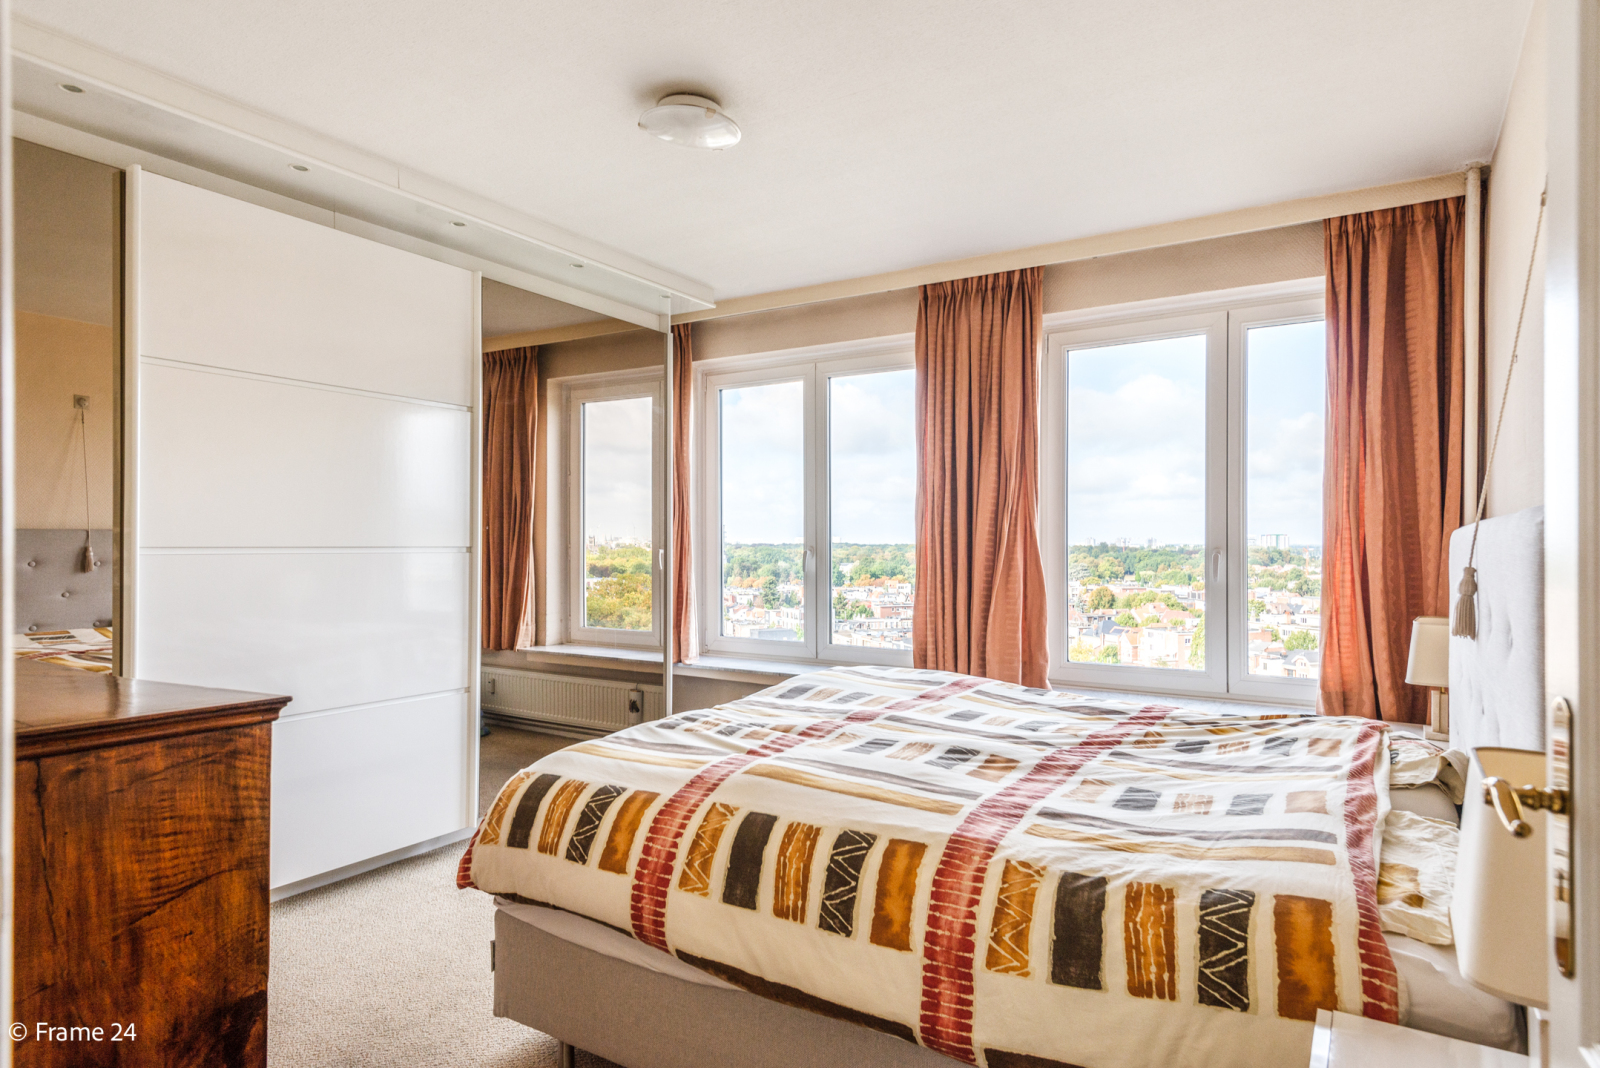 Appartement met 3 slaapkamers op gunstige locatie in Berchem. afbeelding 12